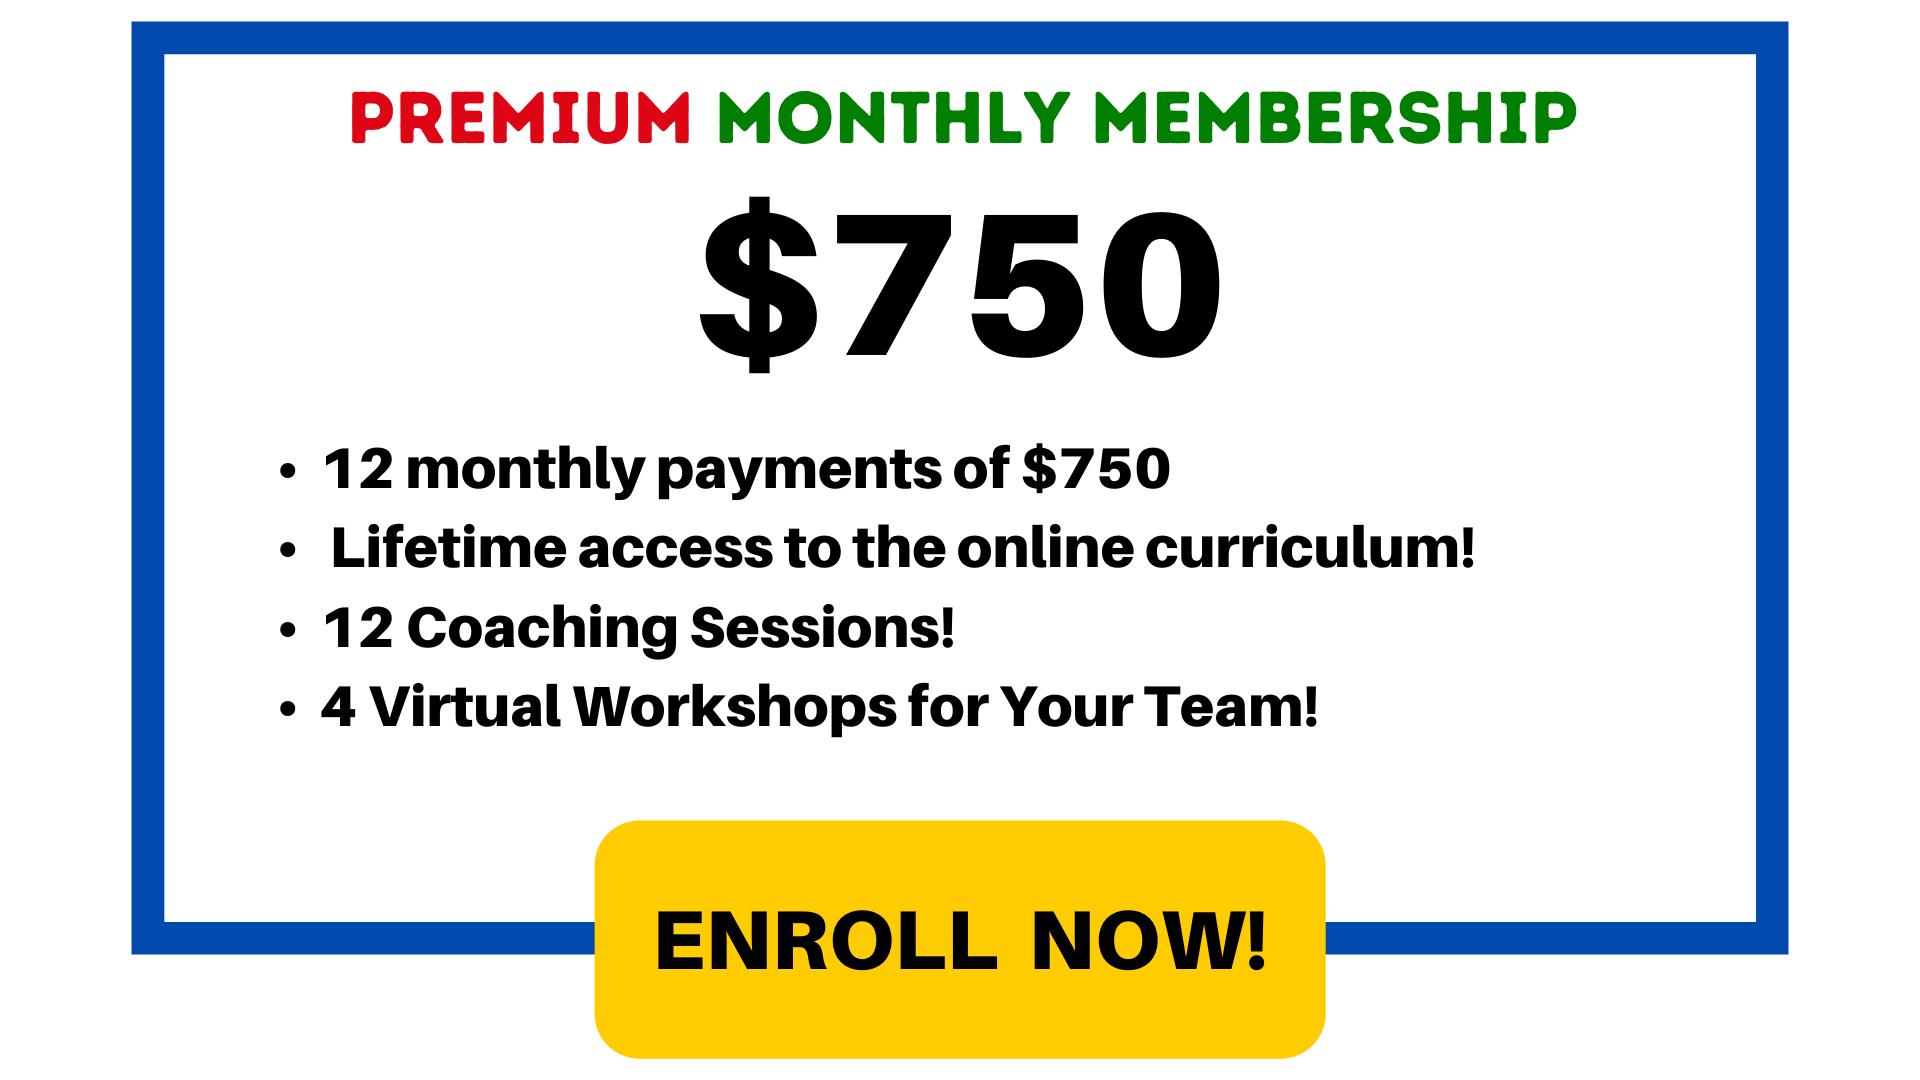 $750 / month